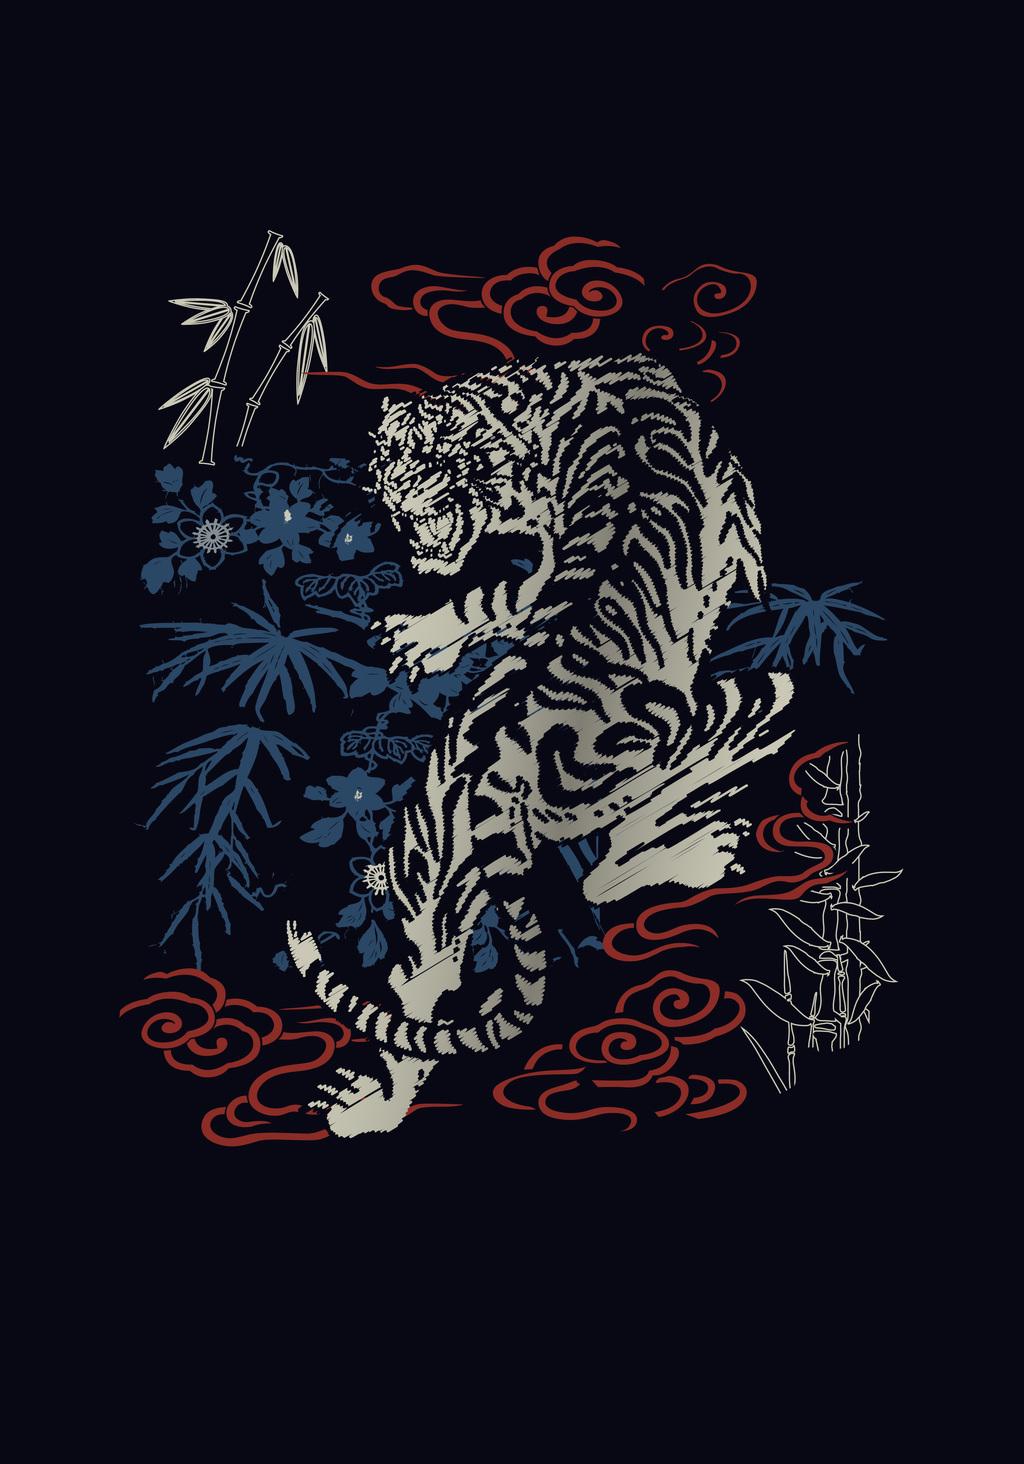 原创设计卡通动物卡通图案科技感插画t恤图案老虎